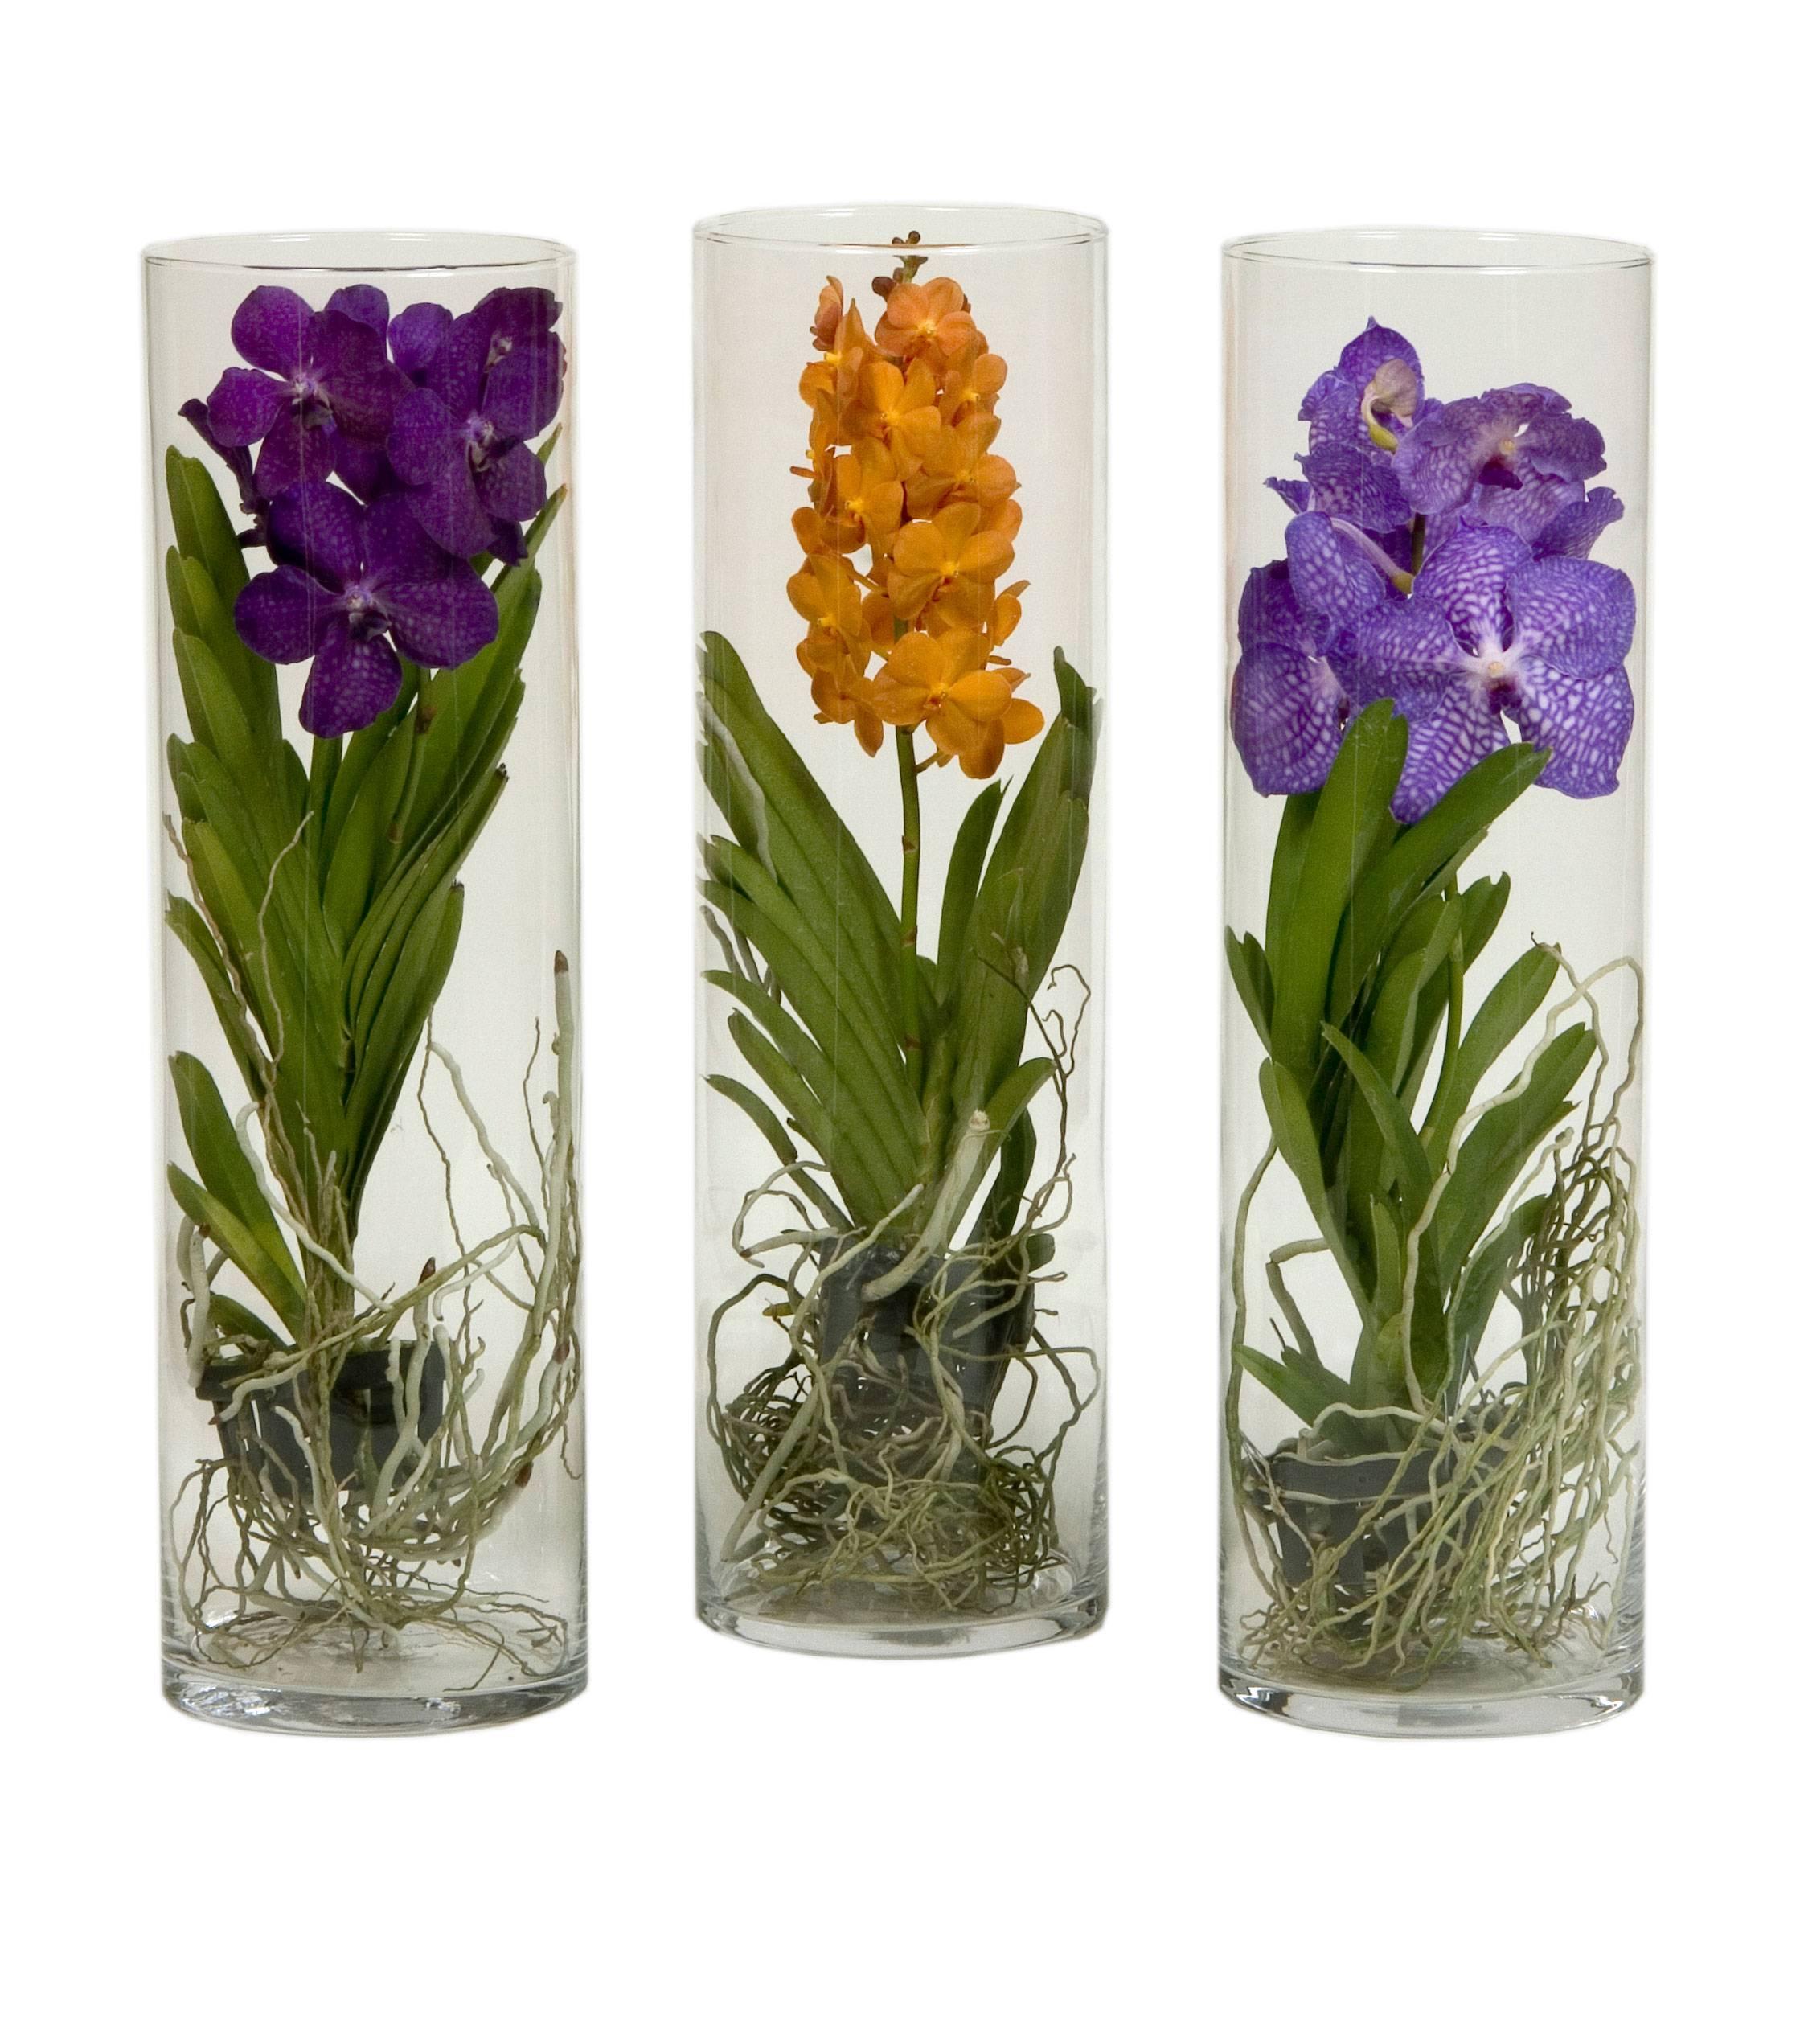 Добавляем изысканности в интерьер: орхидея в стеклянной вазе, колбе и других емкостях